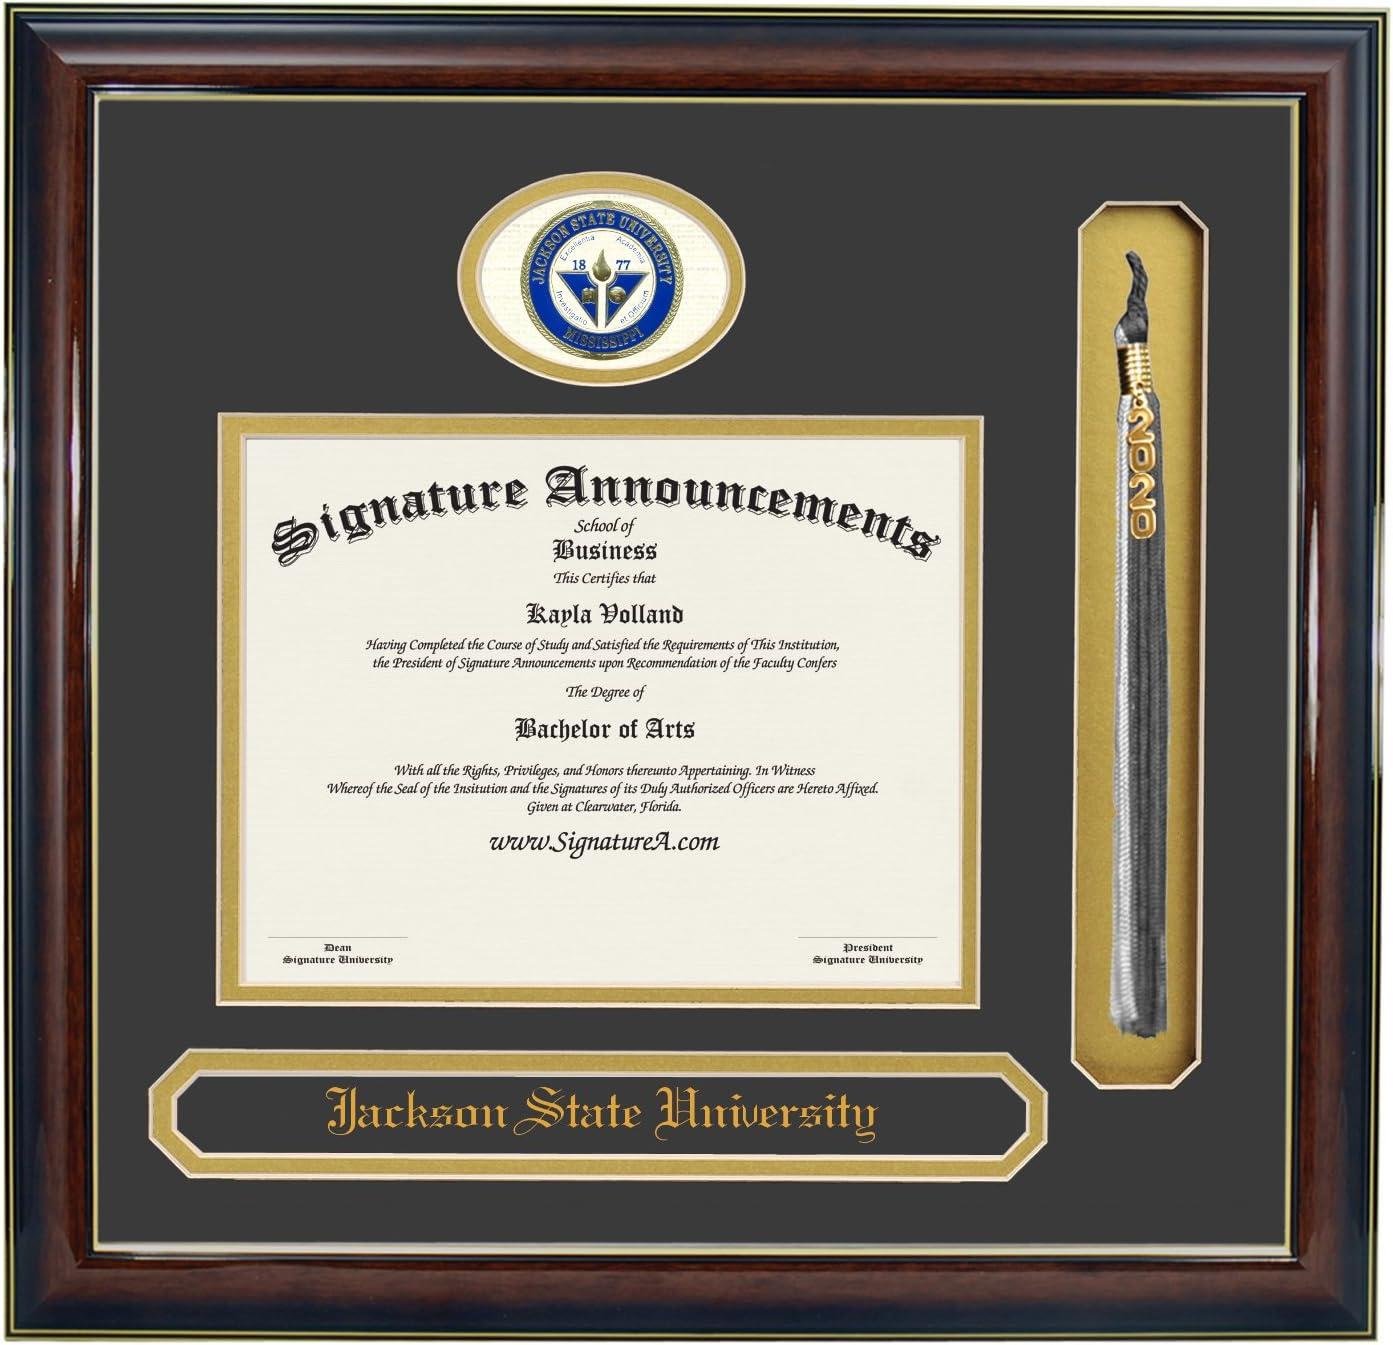 Signature Announcements Jackson-State-University 5 ☆ popular Max 53% OFF Undergraduate